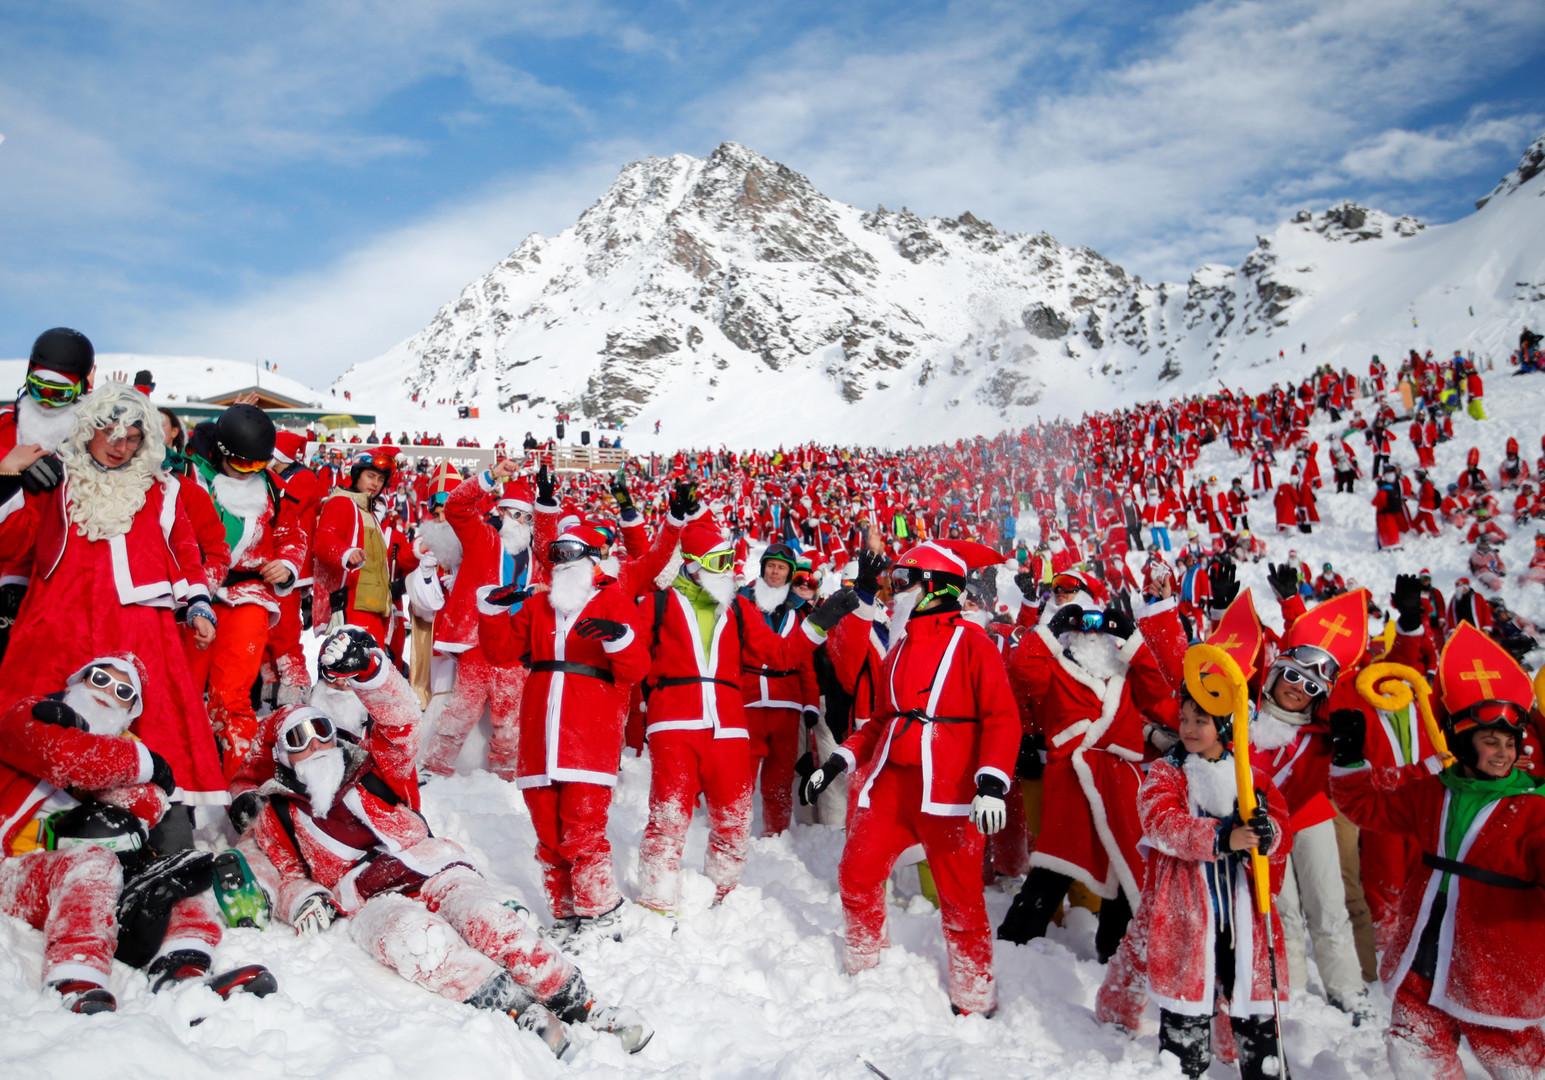 Weihnachtsmann-Lawine in den Alpen: 2.656 Heilige Nikoläuse stellen Rekord auf